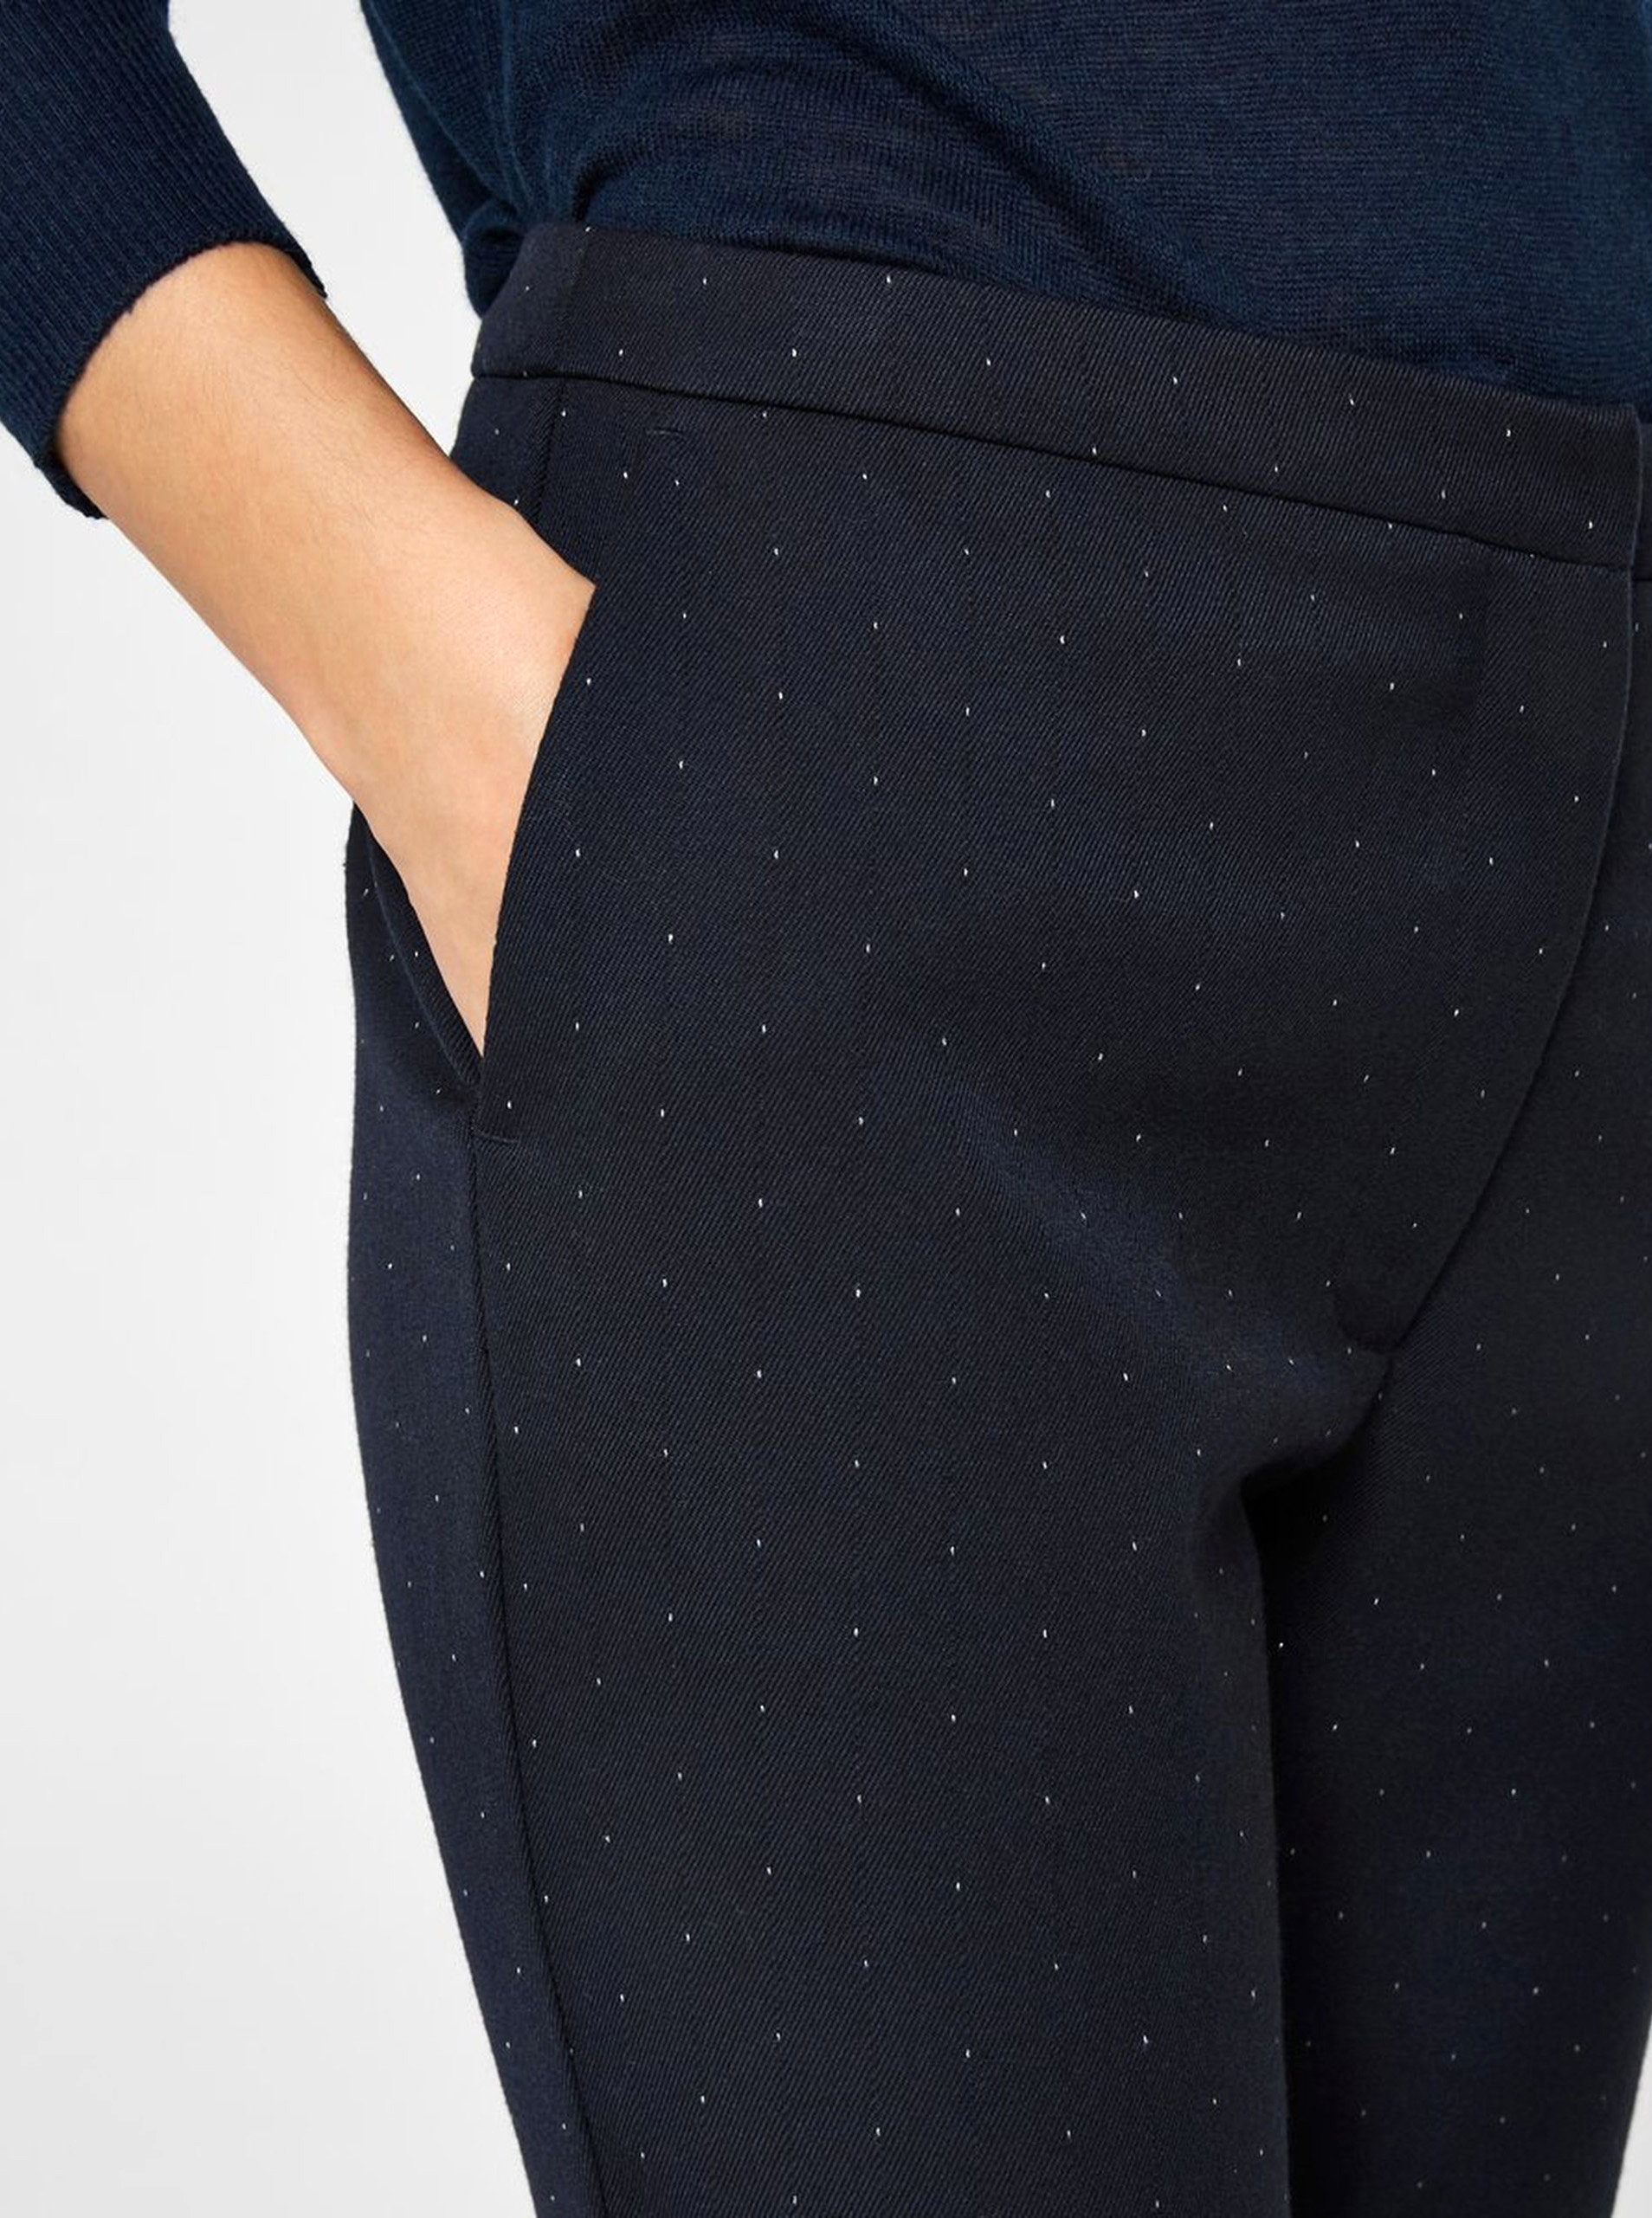 b680440f1dce Tmavomodré bodkované skrátené nohavice s vysokým pásom Selected Femme Muse  ...